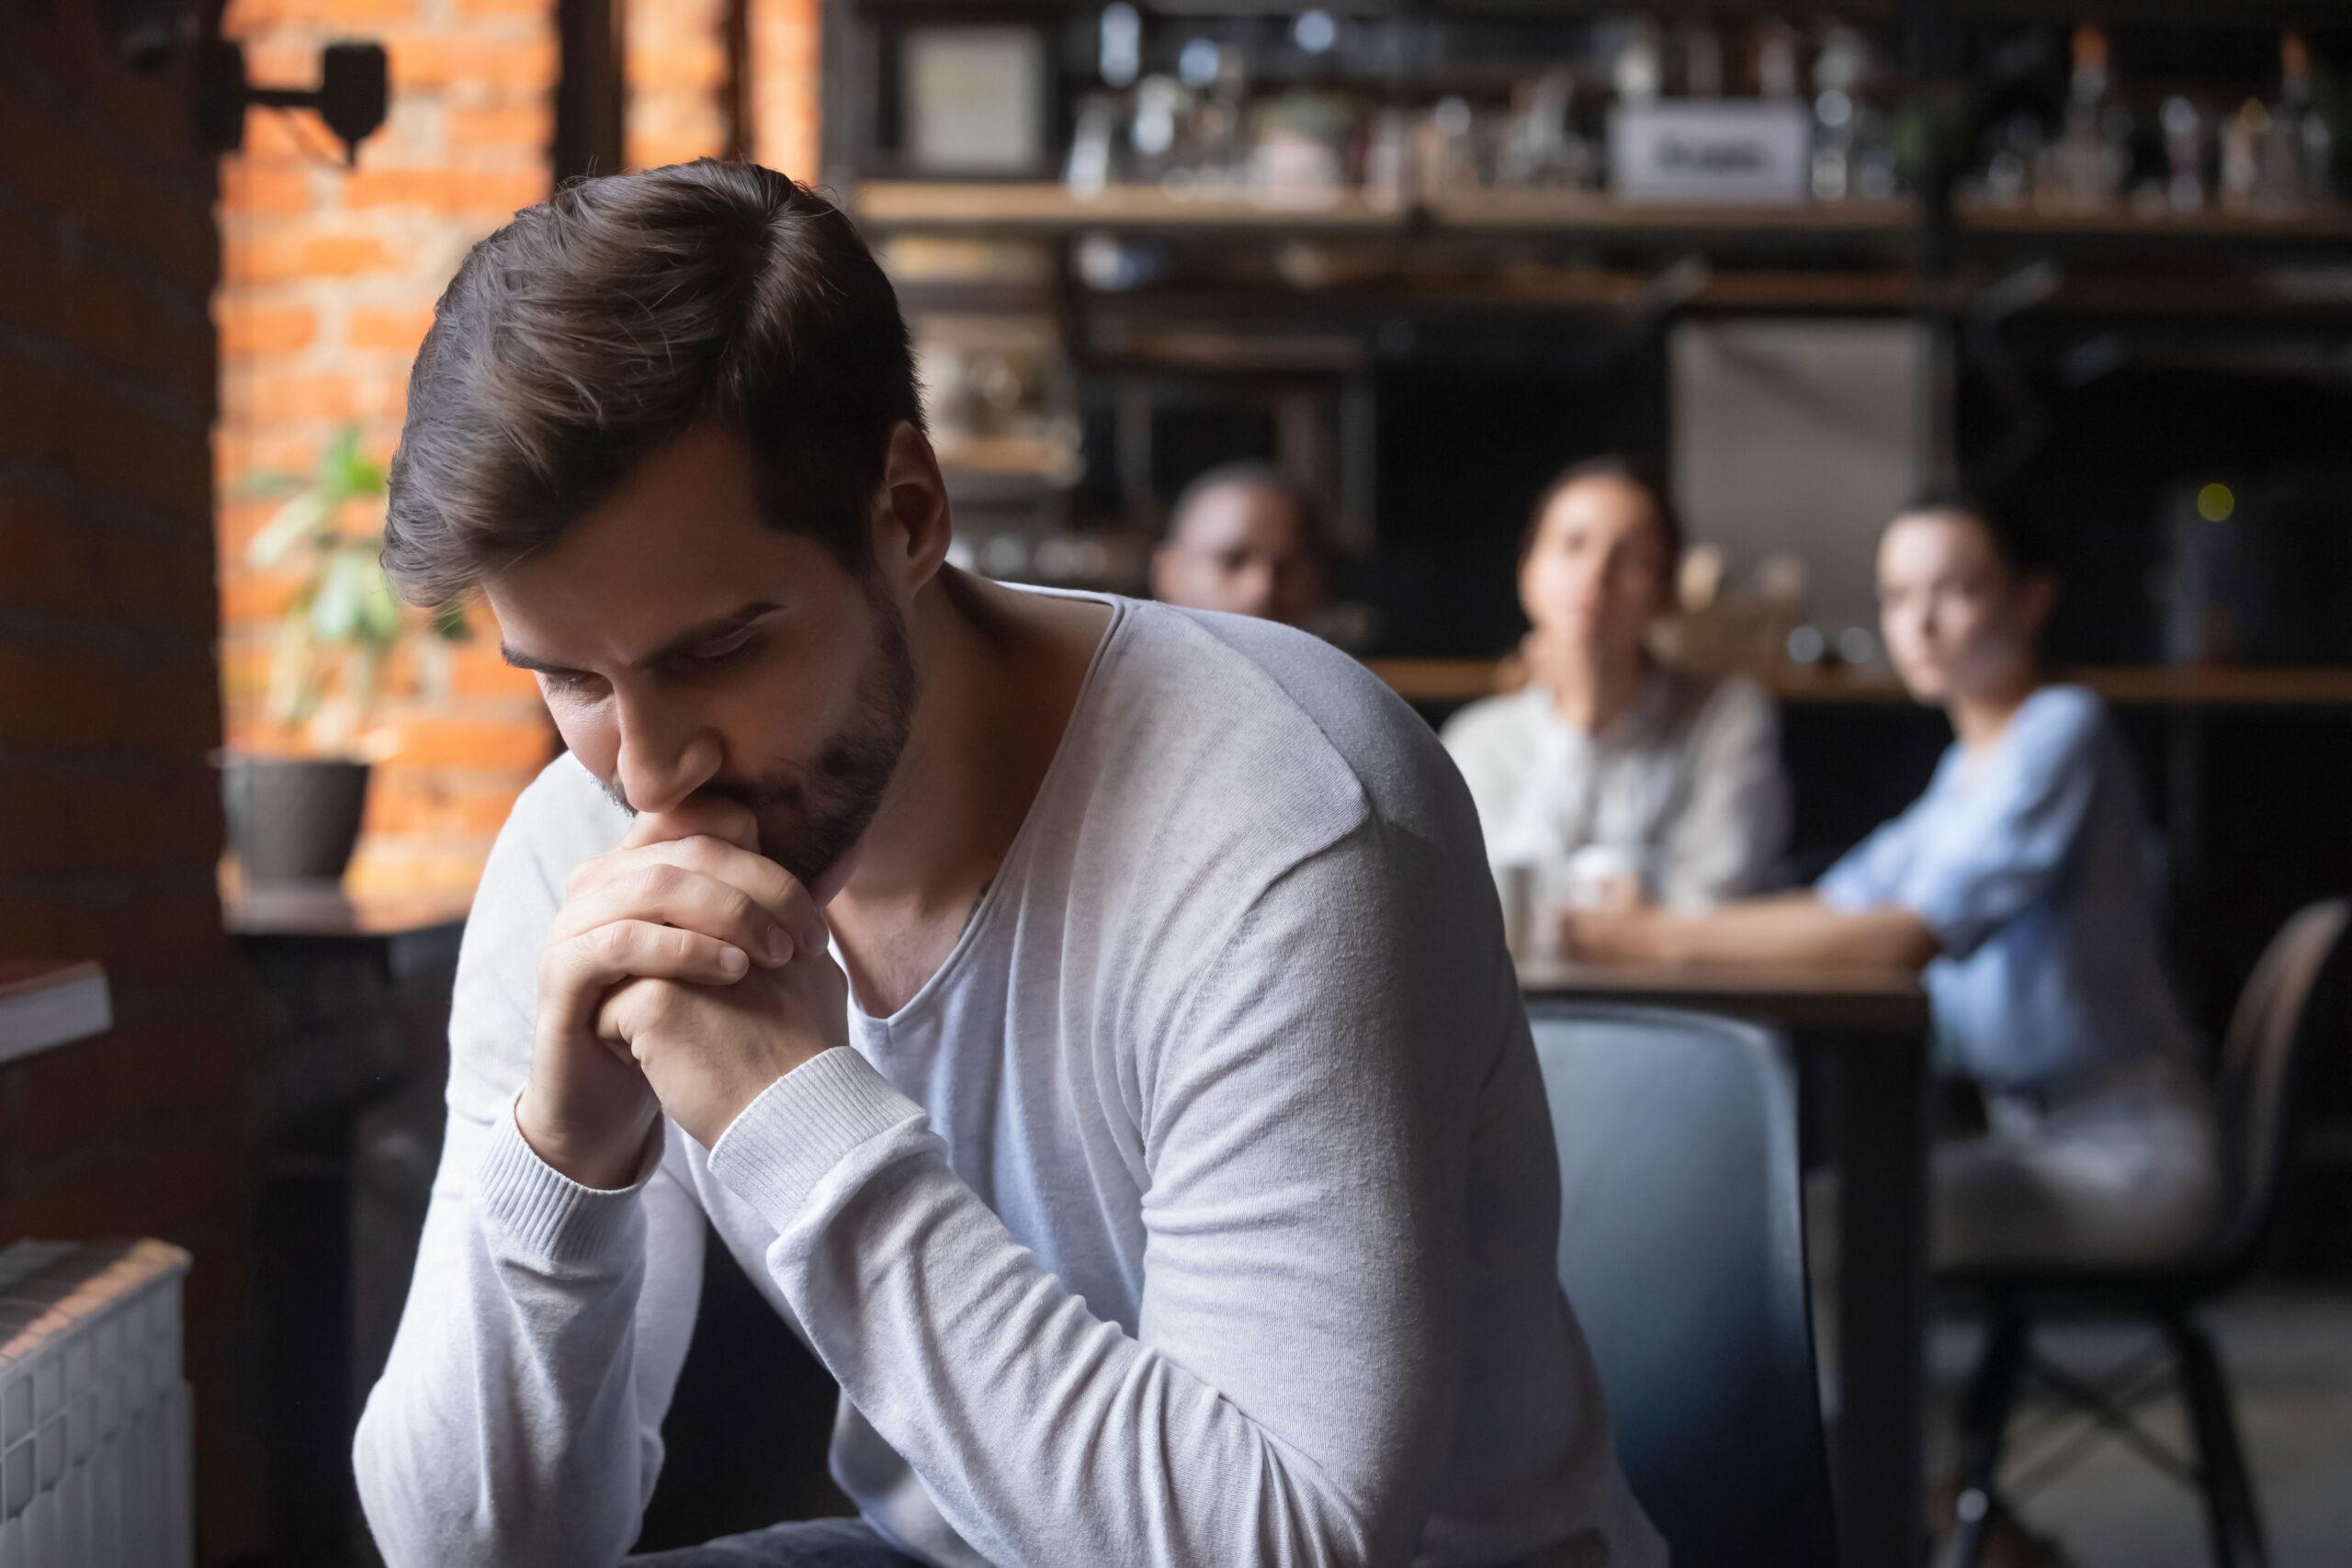 איך לעזור לאדם בדיכאון